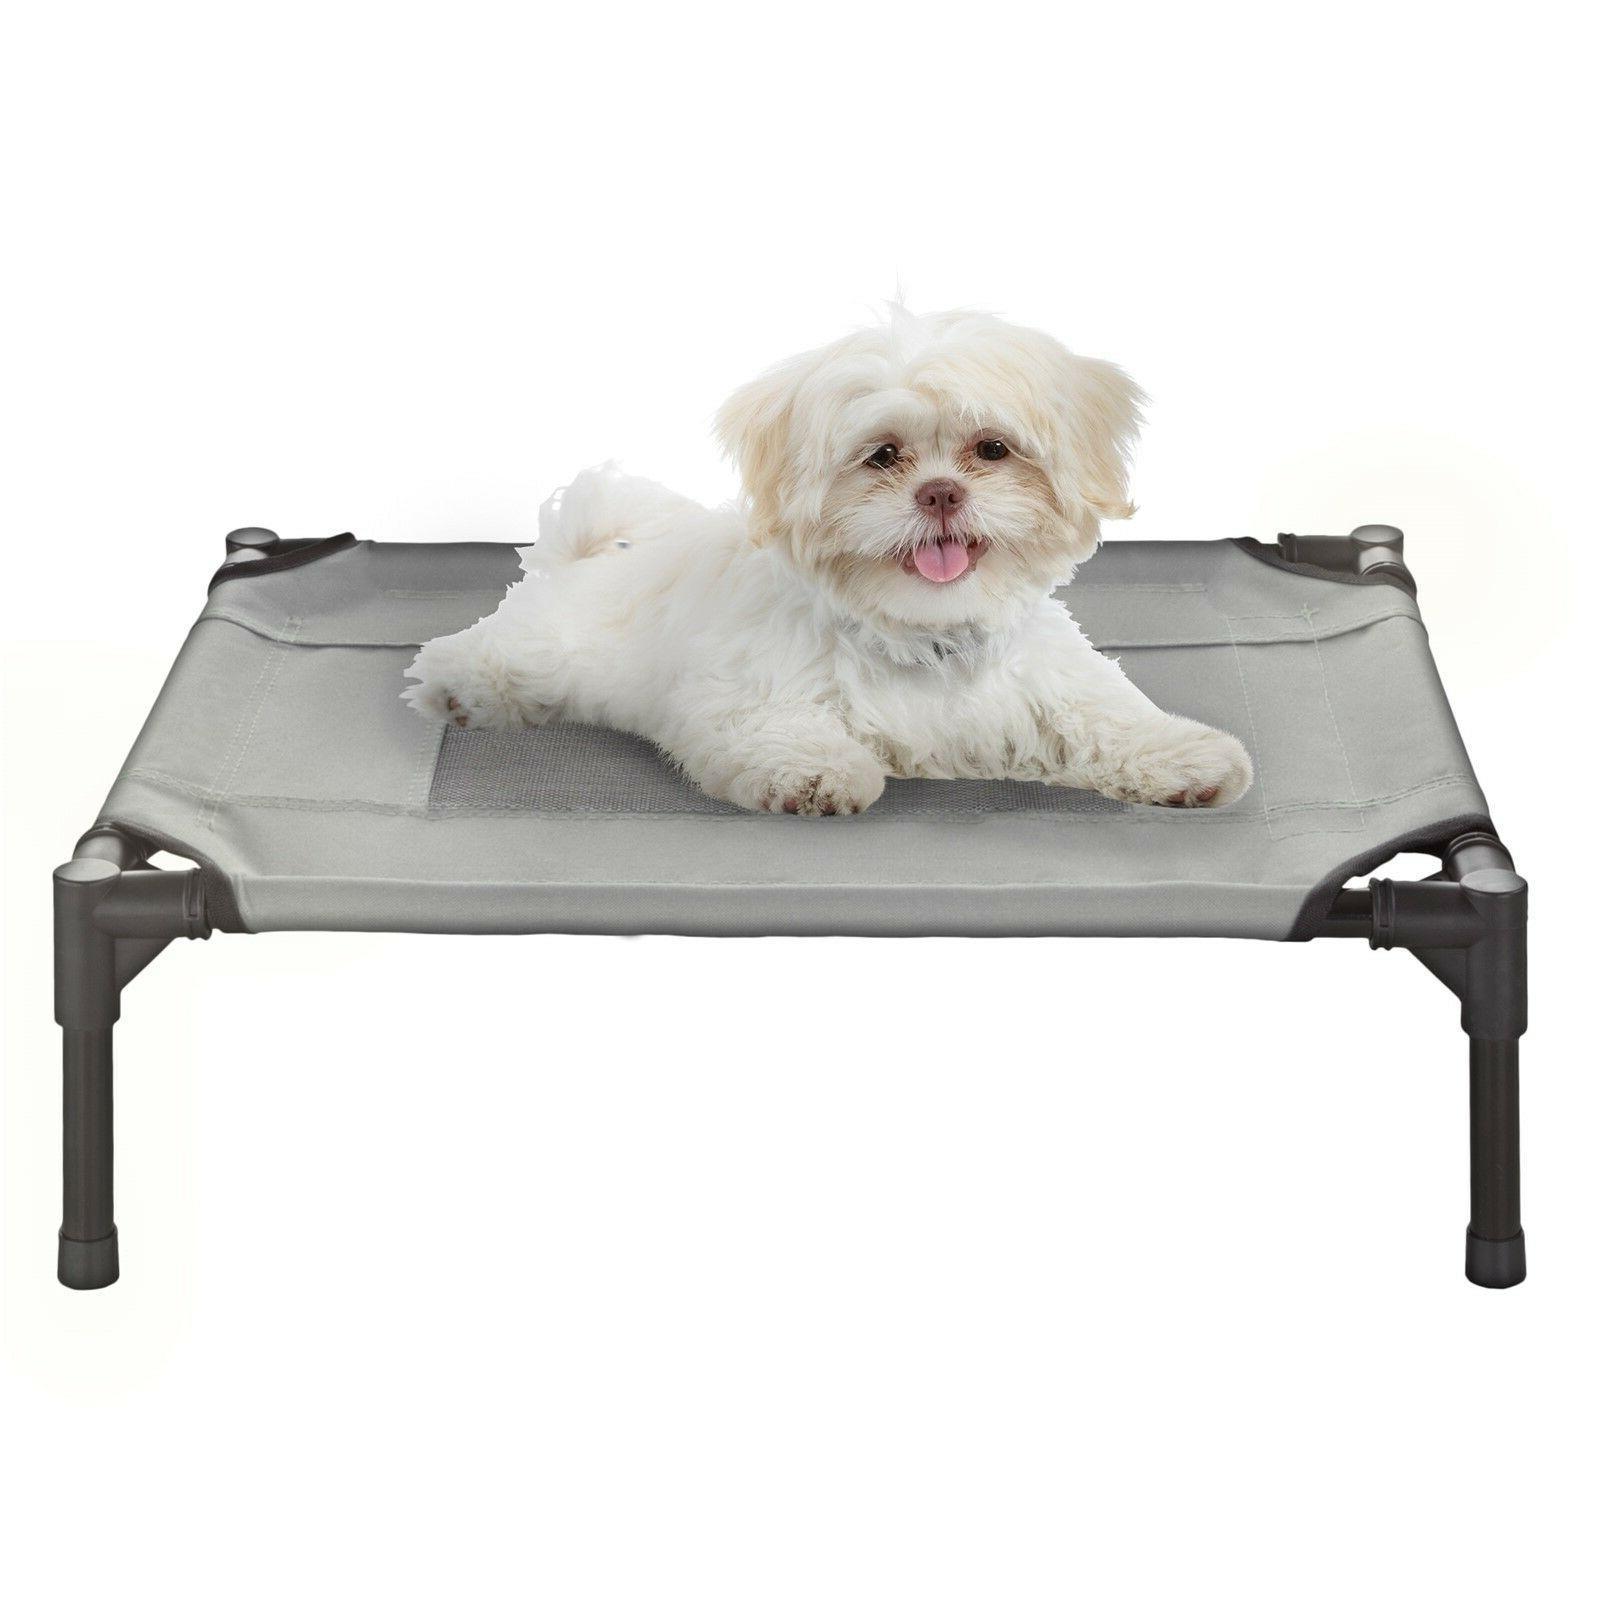 xsmall sm dog cat bed indoor outdoor